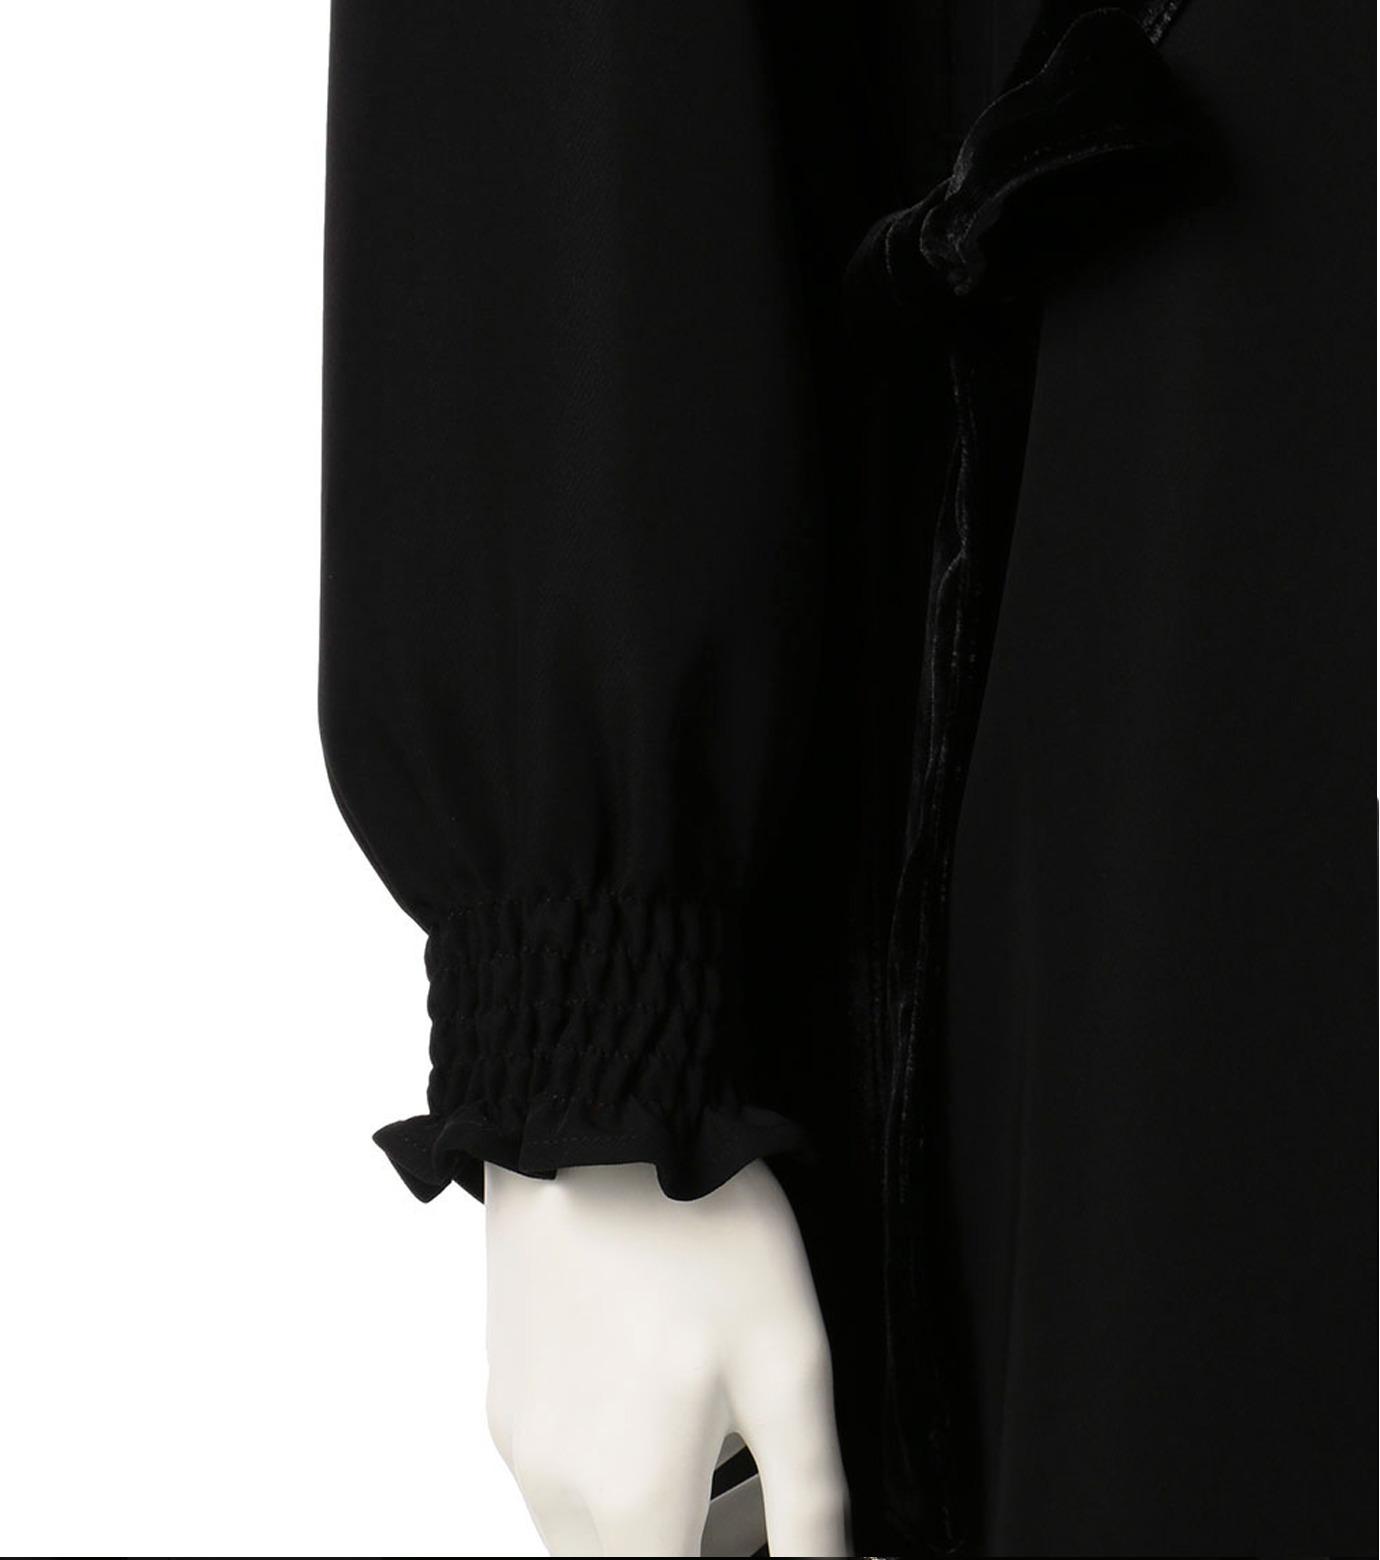 G.V.G.V.(ジーヴィジーヴィ)のVELVET PANEL DRESS-BLACK(ドレス/dress)-GV1641003-13 拡大詳細画像4